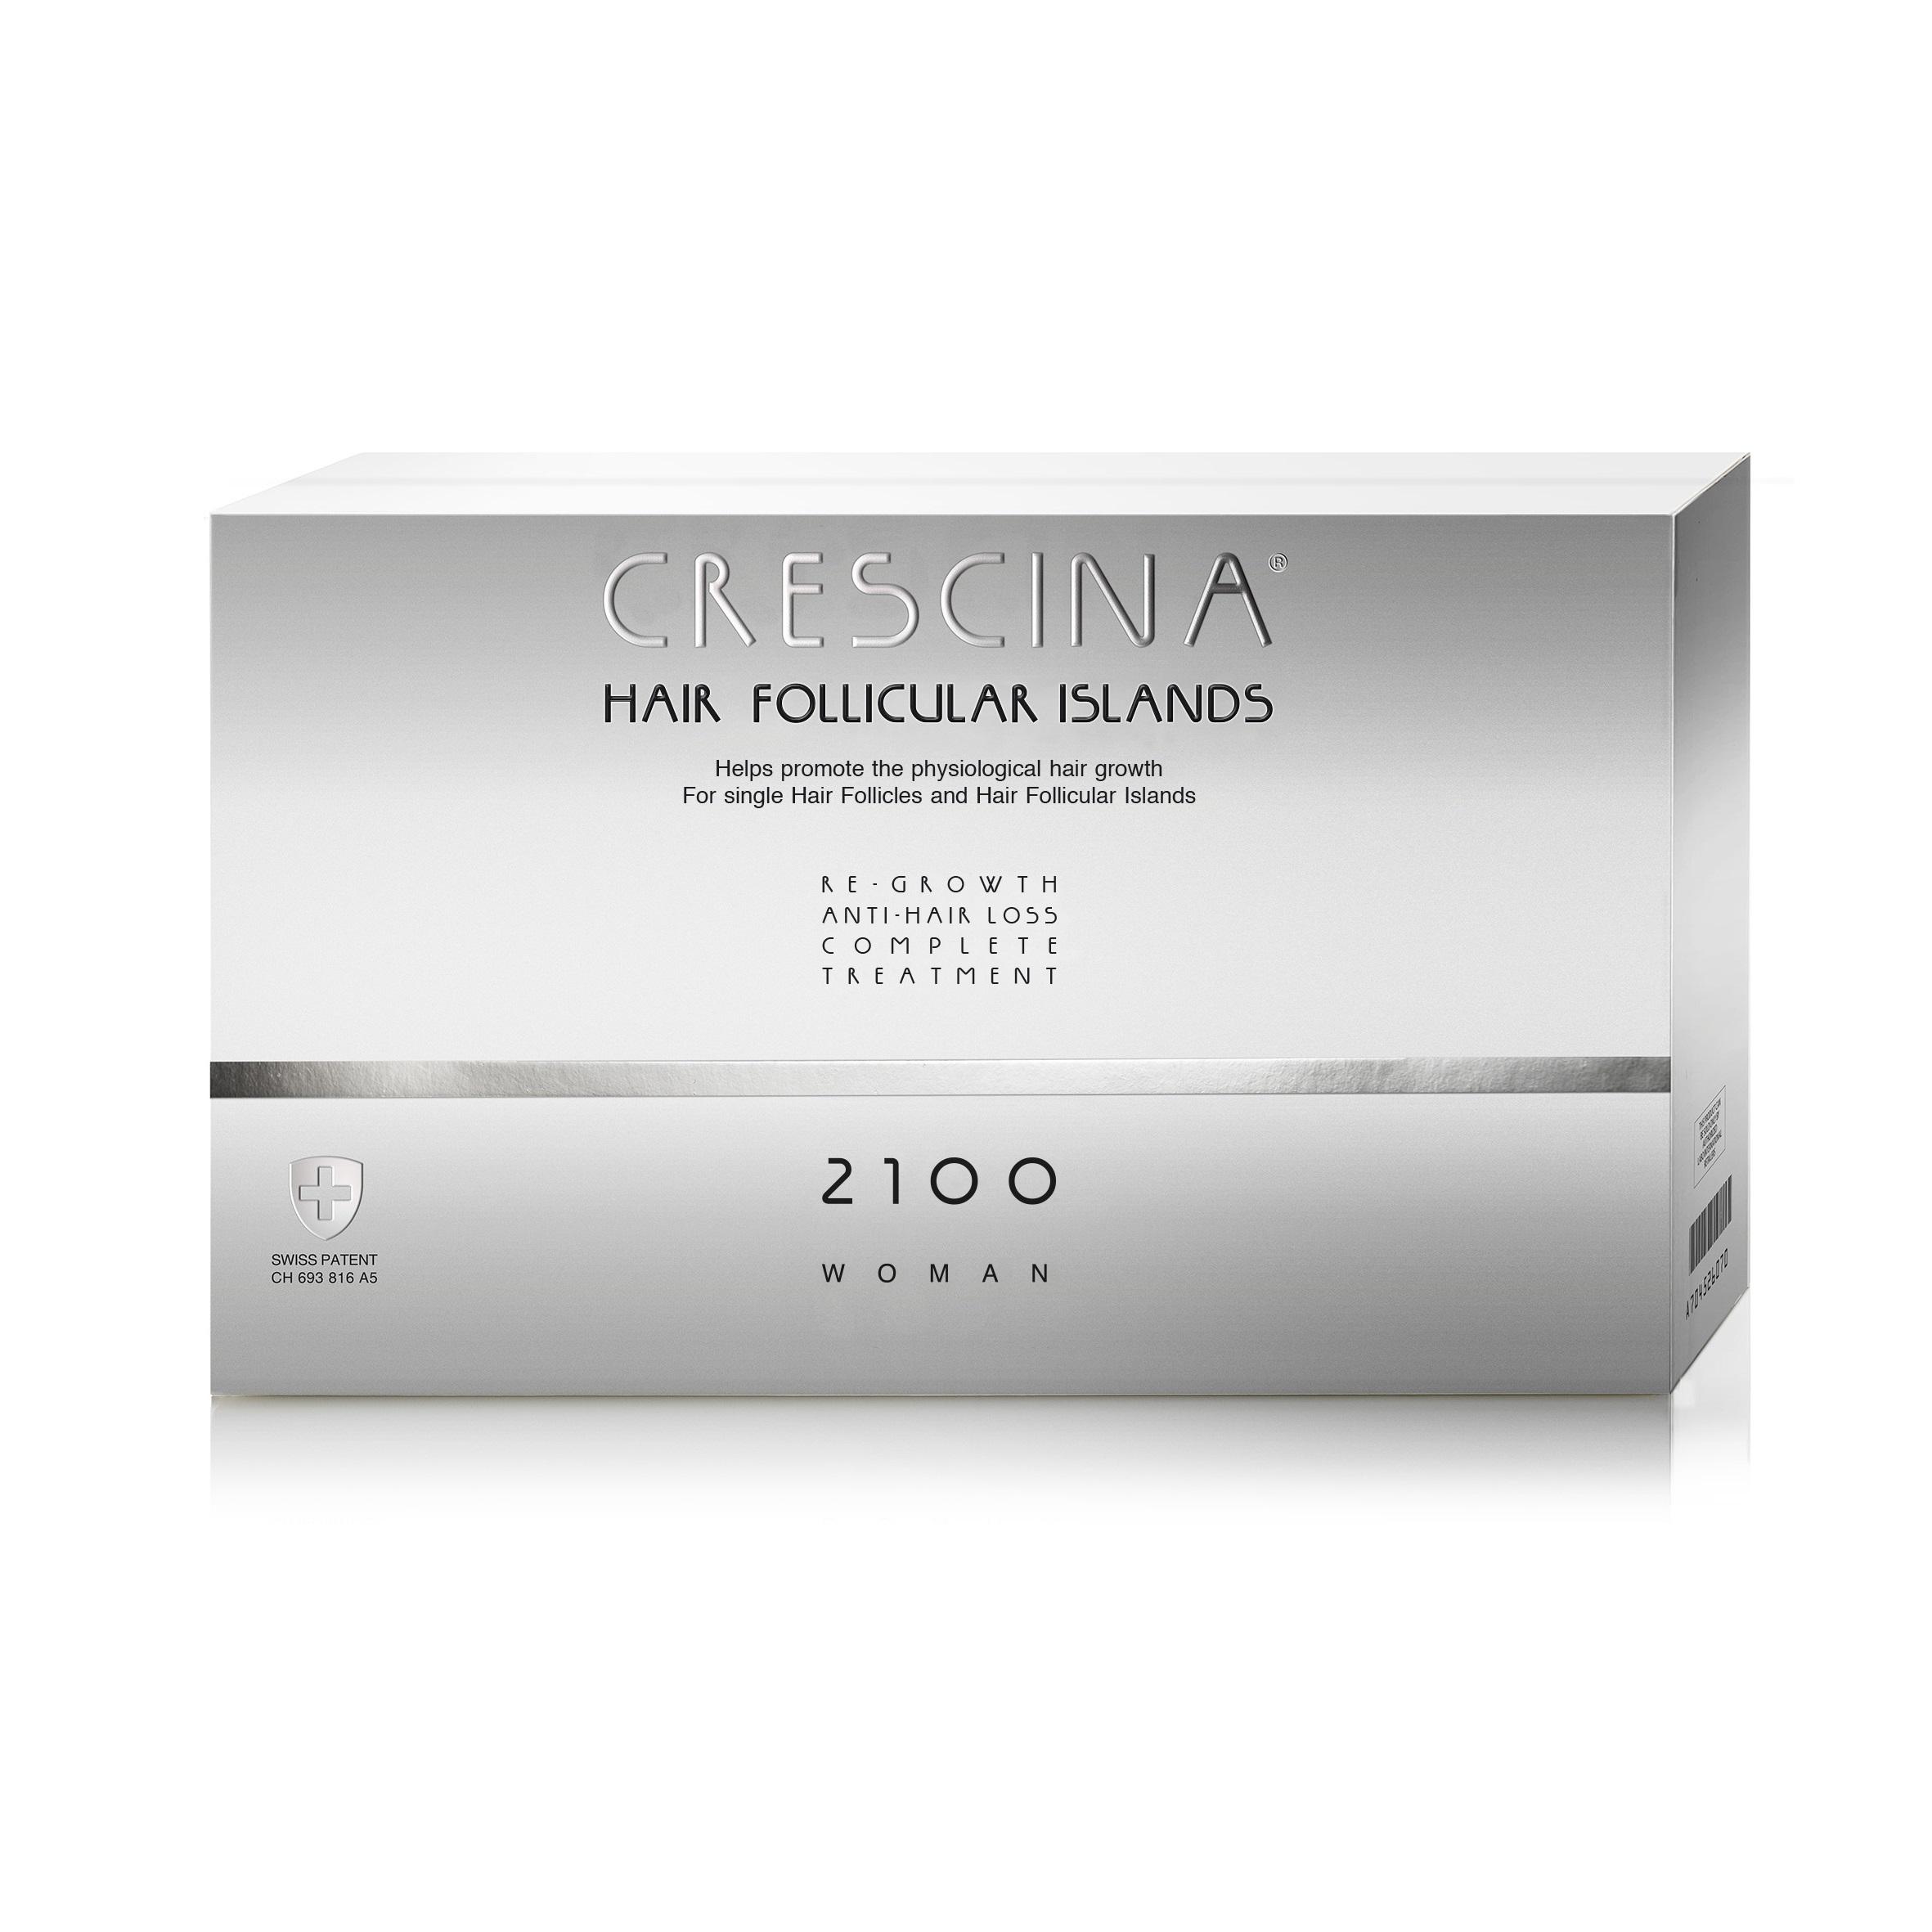 Tratament complet pentru stadii avansate de cădere și rărire a părului la femei Crescina Follicular Islands 2100, 10 + 10 fiole, Labo